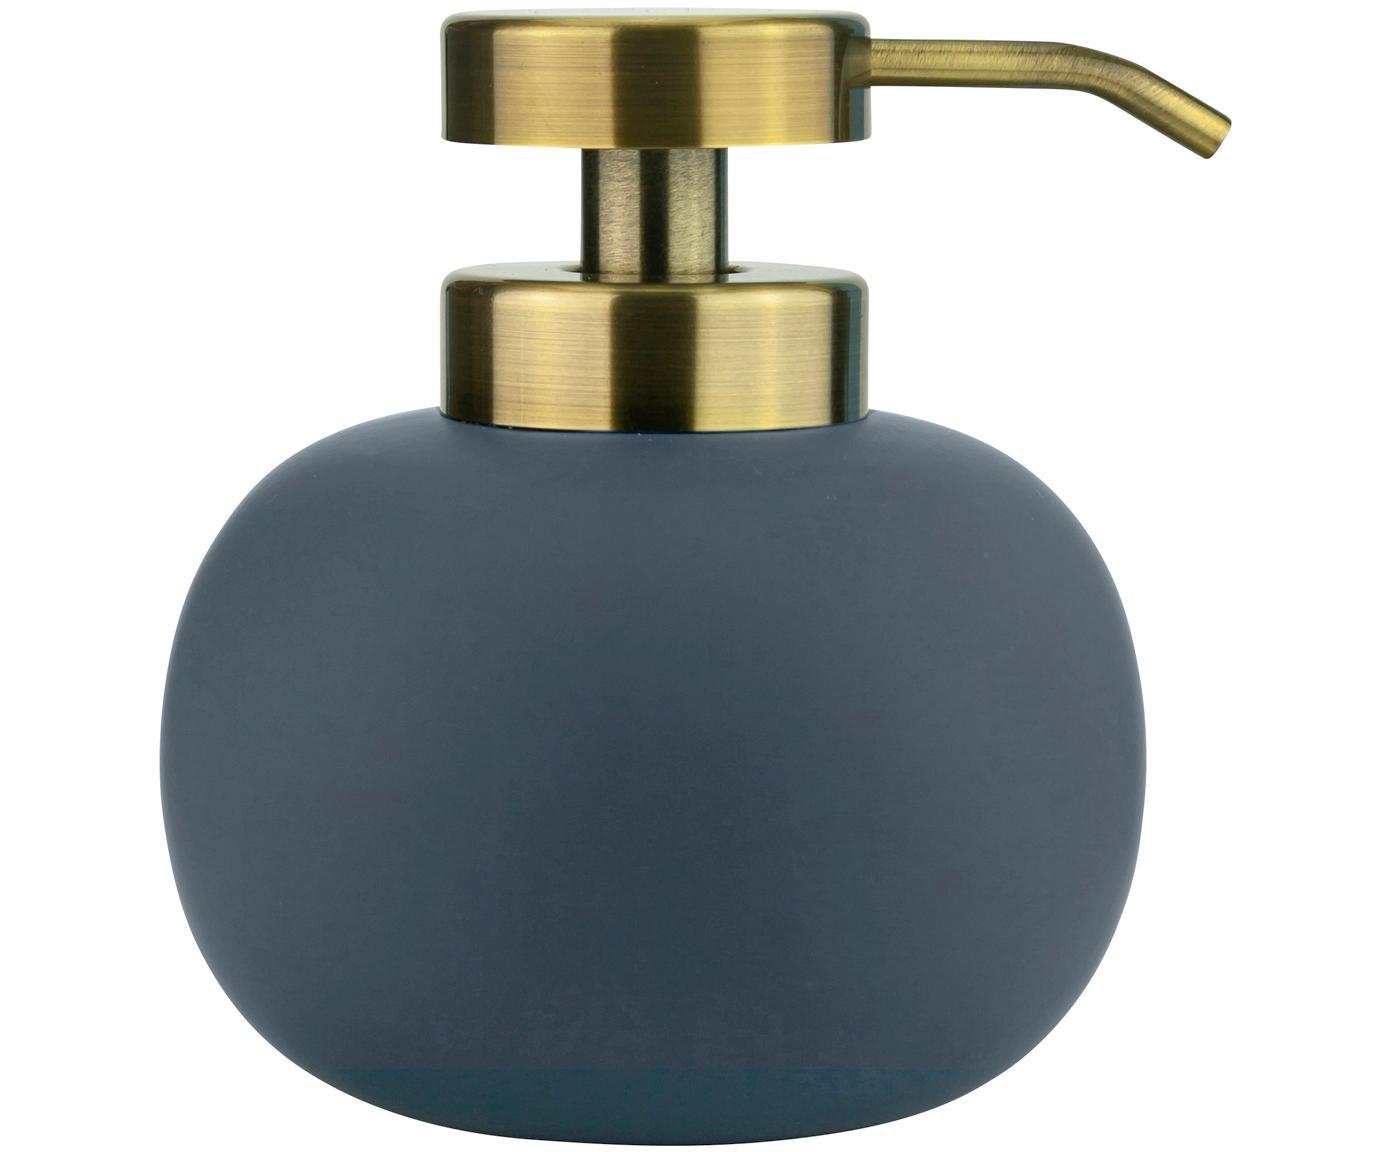 Dosatore di sapone Lotus, Contenitore: ceramica, Testa della pompa: metallo, rivestito, Blu, ottone, Ø 11 x A 13 cm